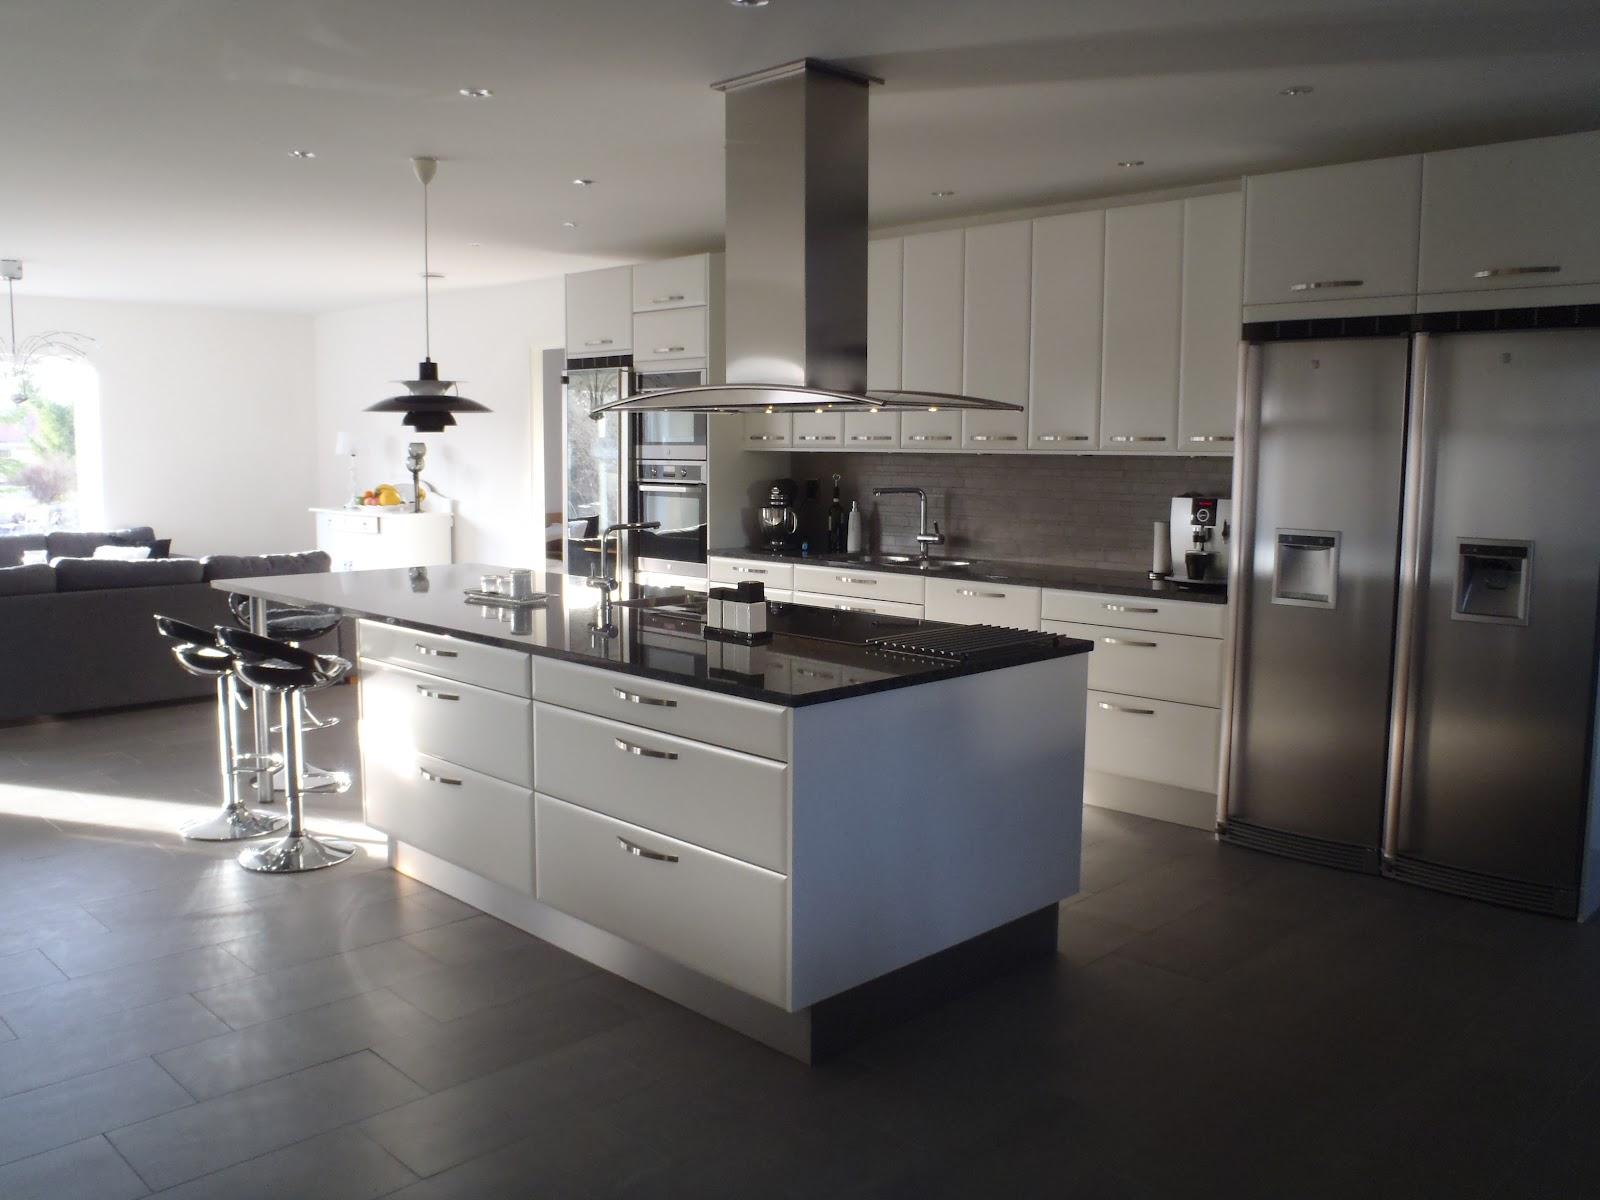 Am dreamhouse: kök och gäst wc